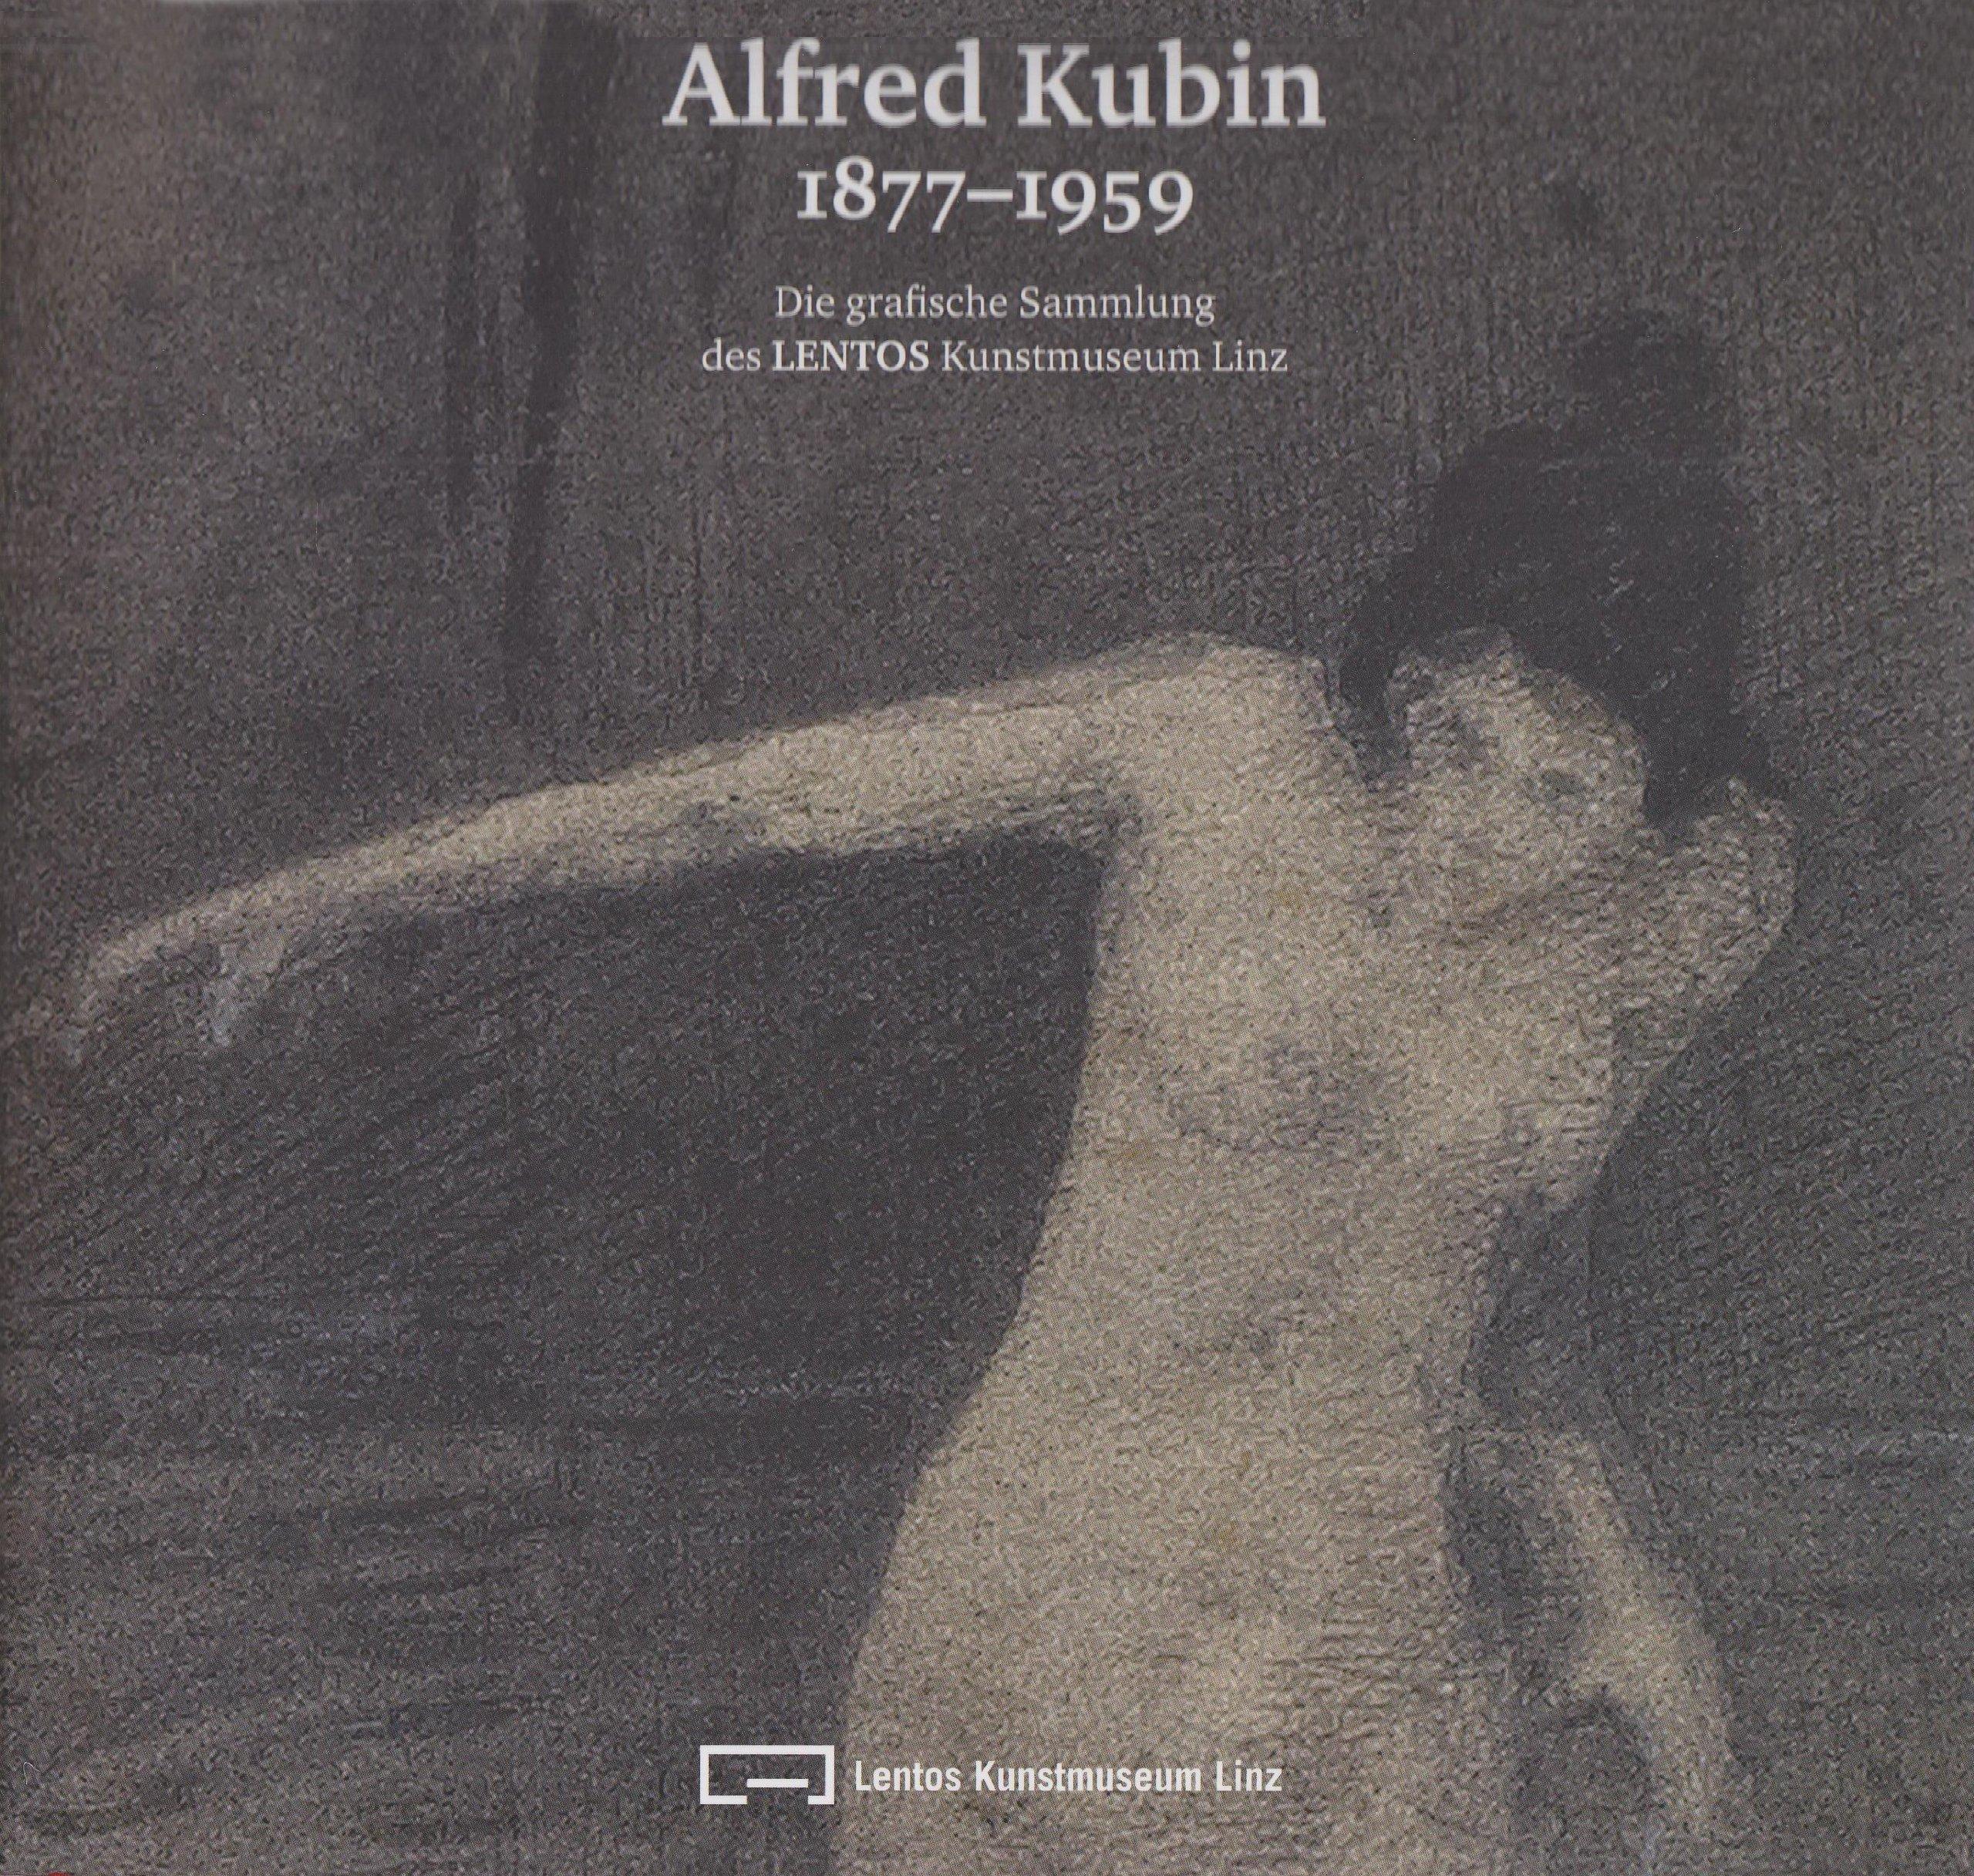 Alfred Kubin: 1877-1959. Die graphische Sammlung des LENTOS Kunstmuseums Linz